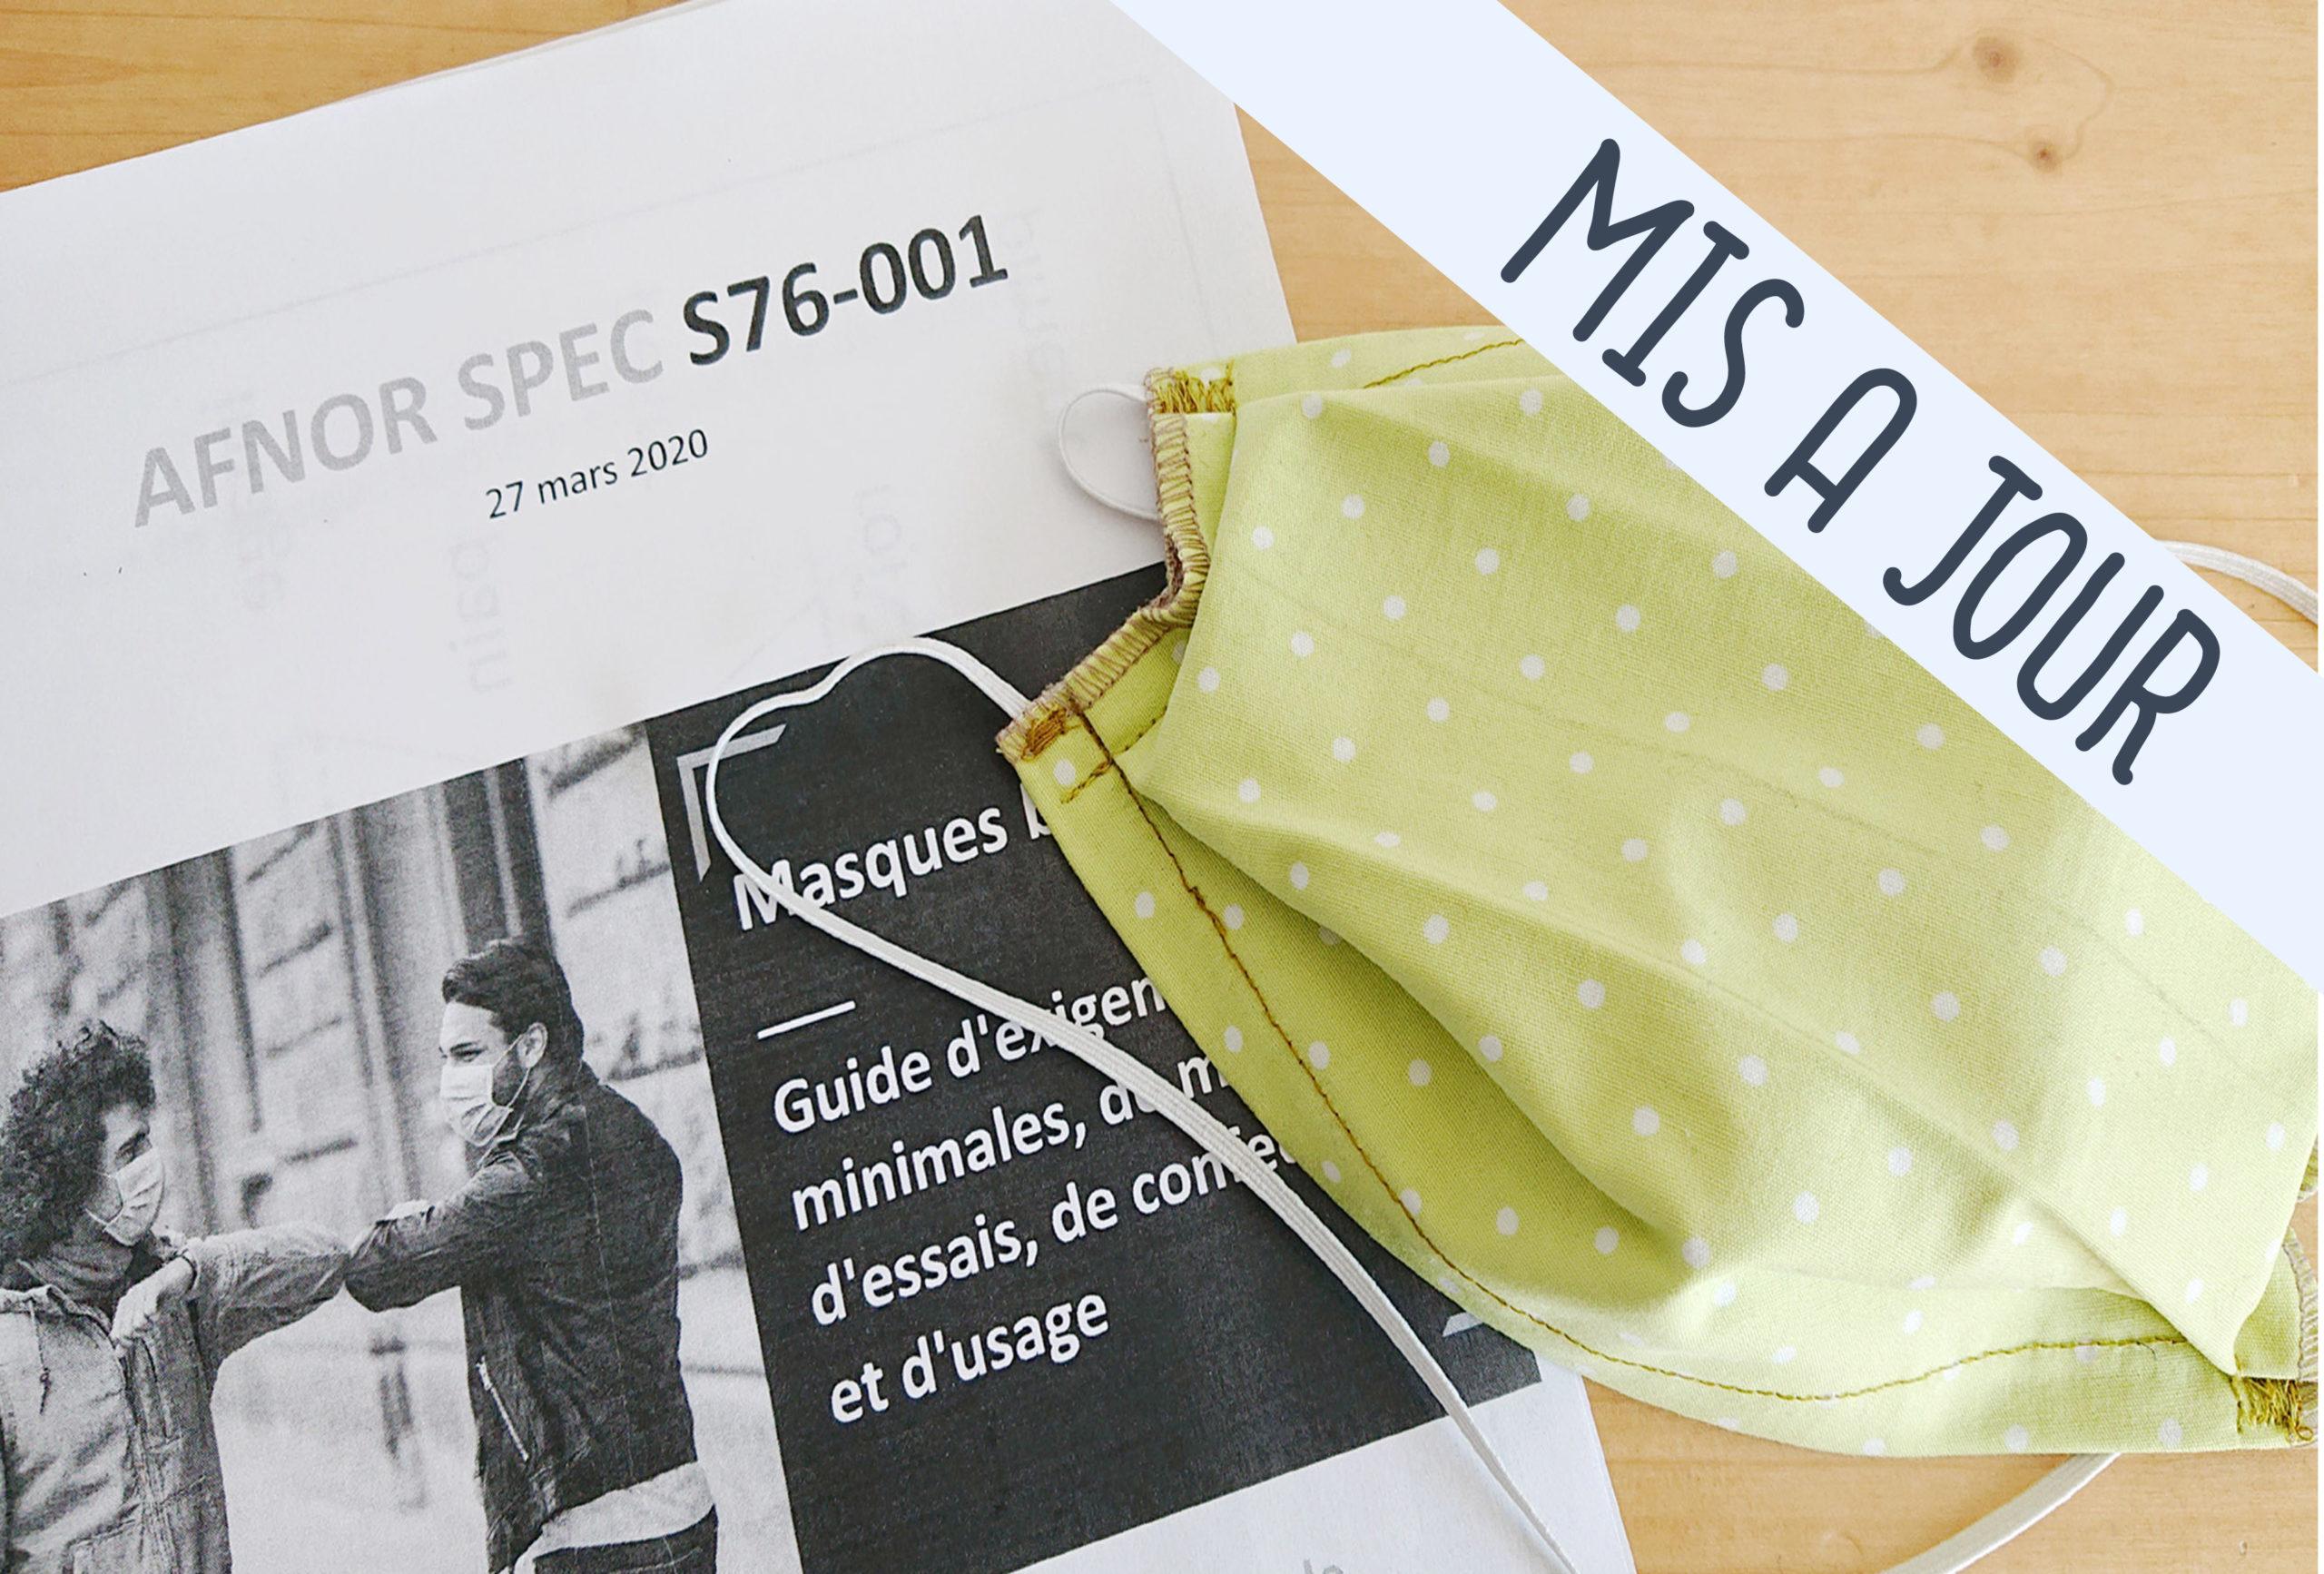 Tuto] Masque En Tissu Selon Le Guide Afnor - L'atelier Des serapportantà Masque Canard À Imprimer